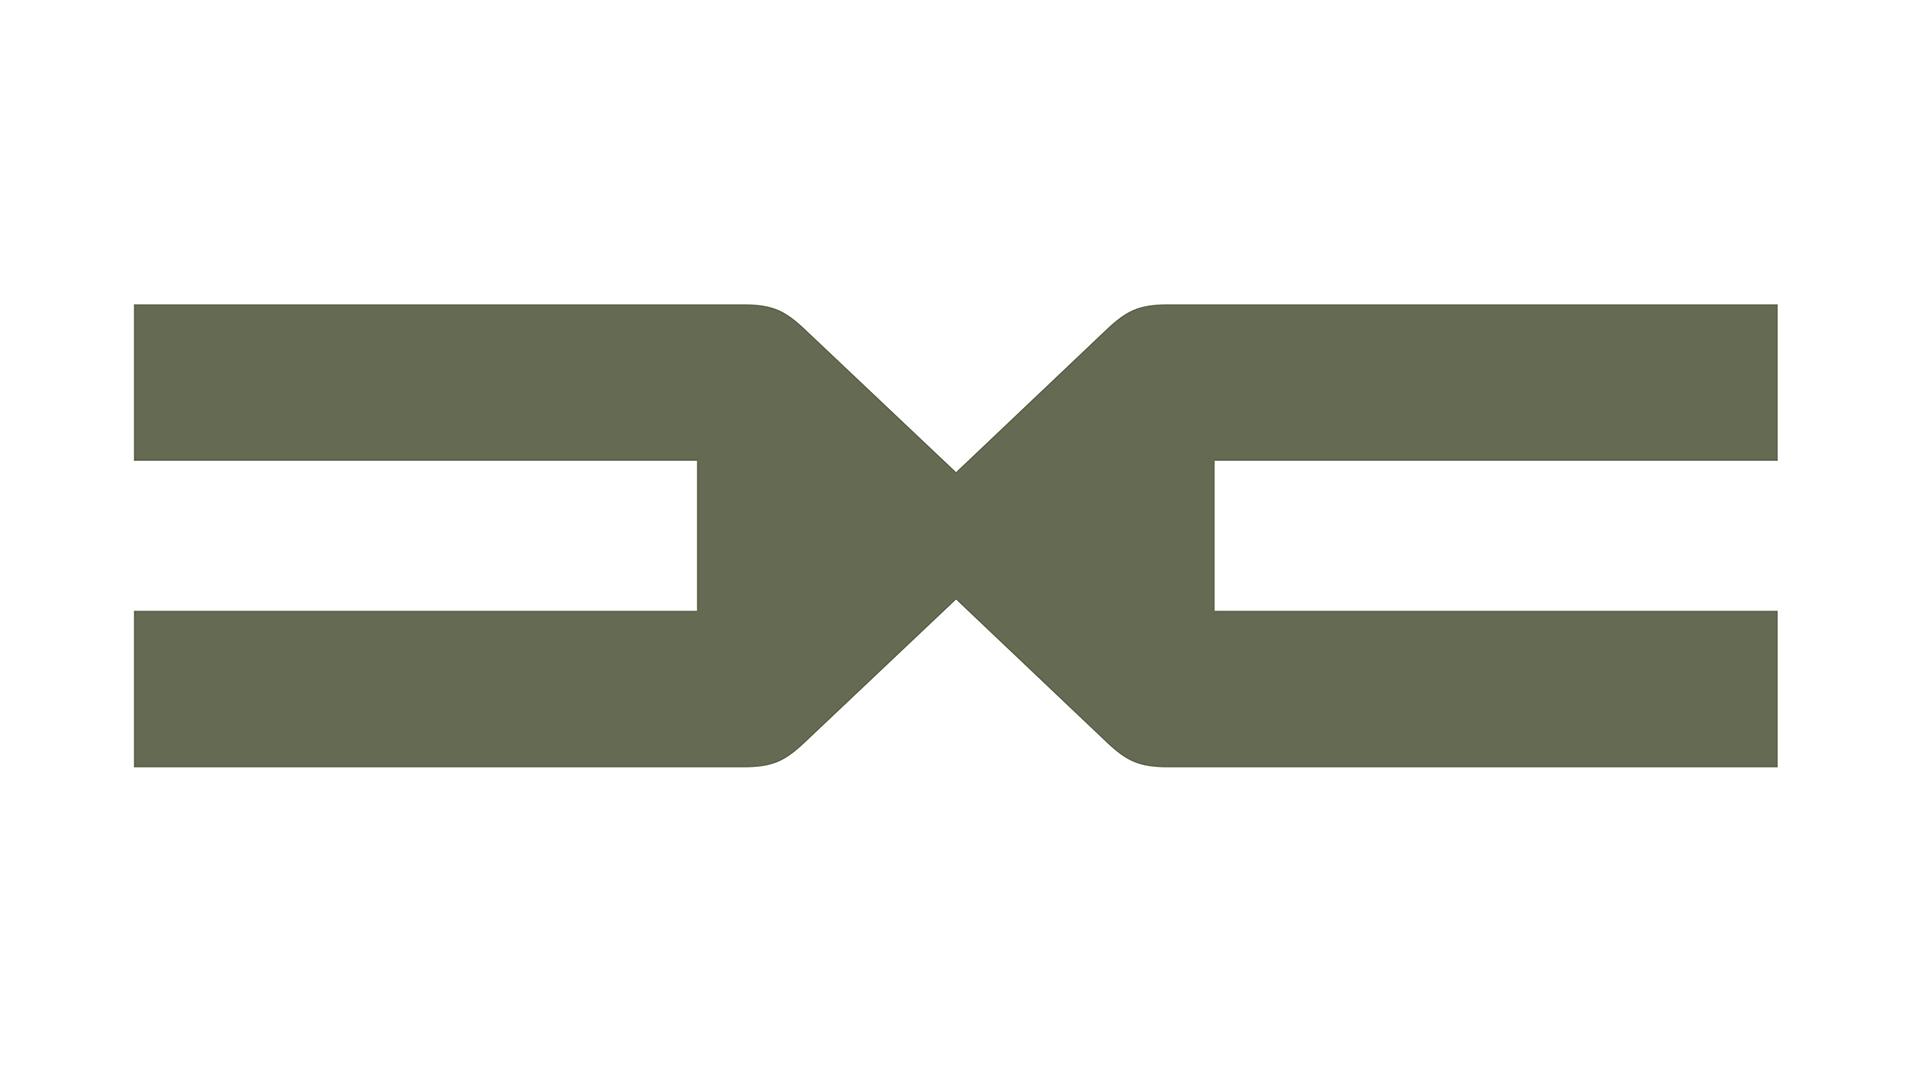 H Dacia αλλάζει το λογότυπό της και περνάει σε μια νέα εποχή (video)